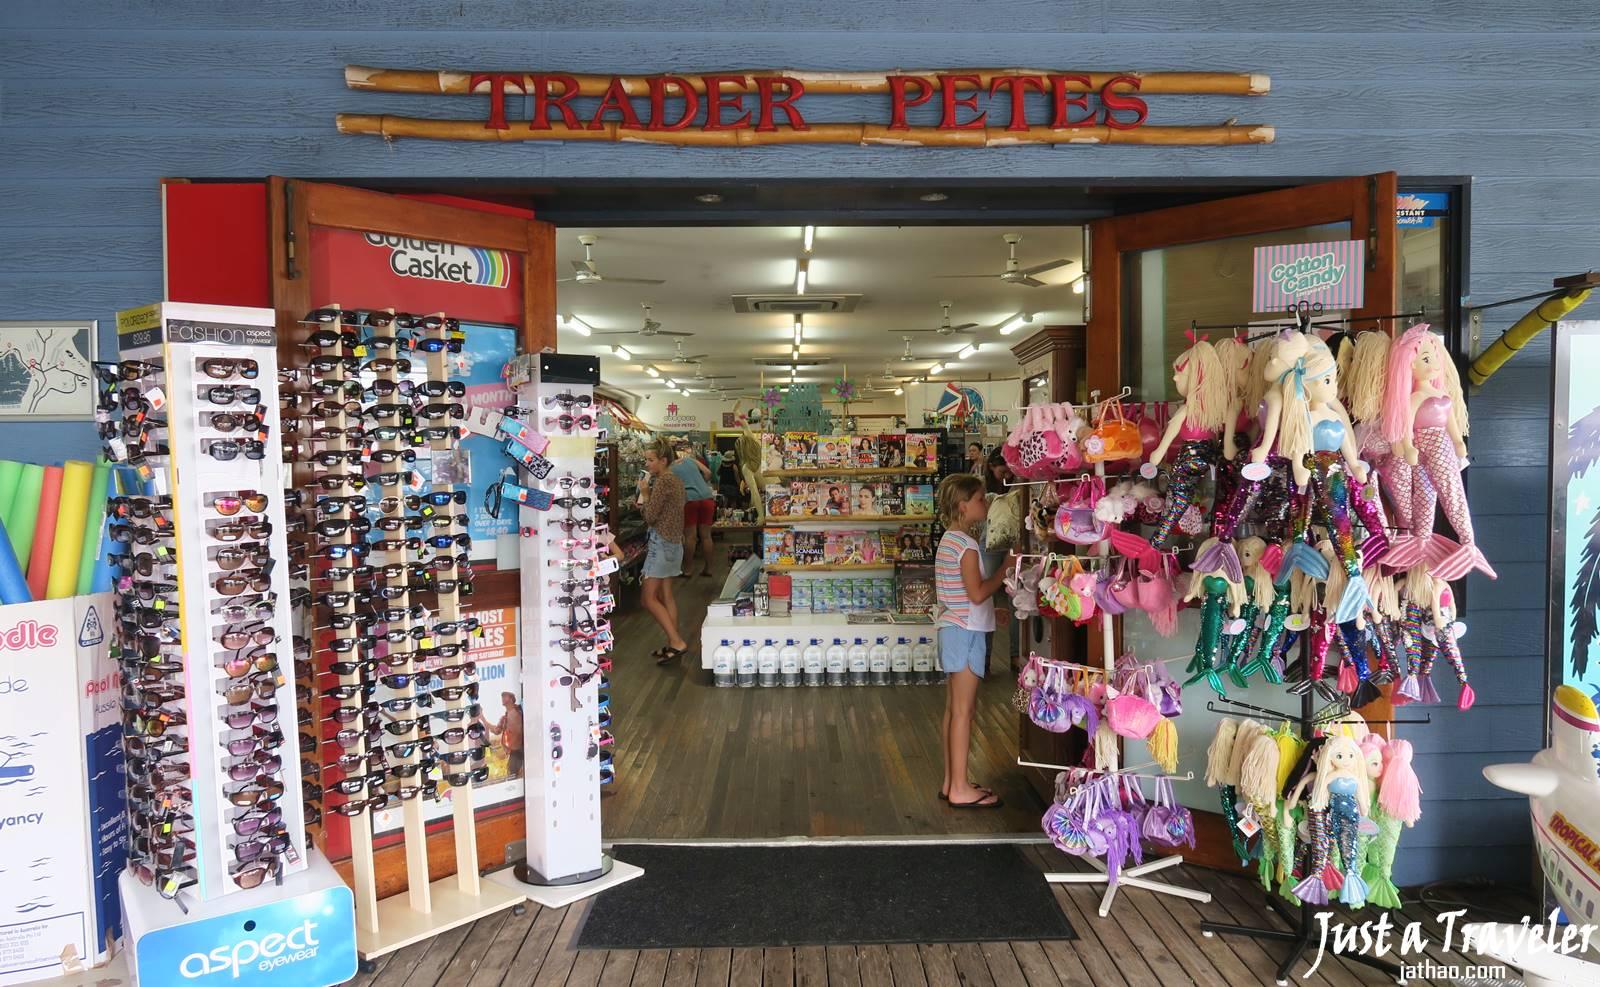 聖靈群島-漢密爾頓島-逛街-購物-景點-推薦-交通-遊記-自由行-行程-住宿-旅遊-度假-一日遊-澳洲-Hamilton-Island-Whitsundays